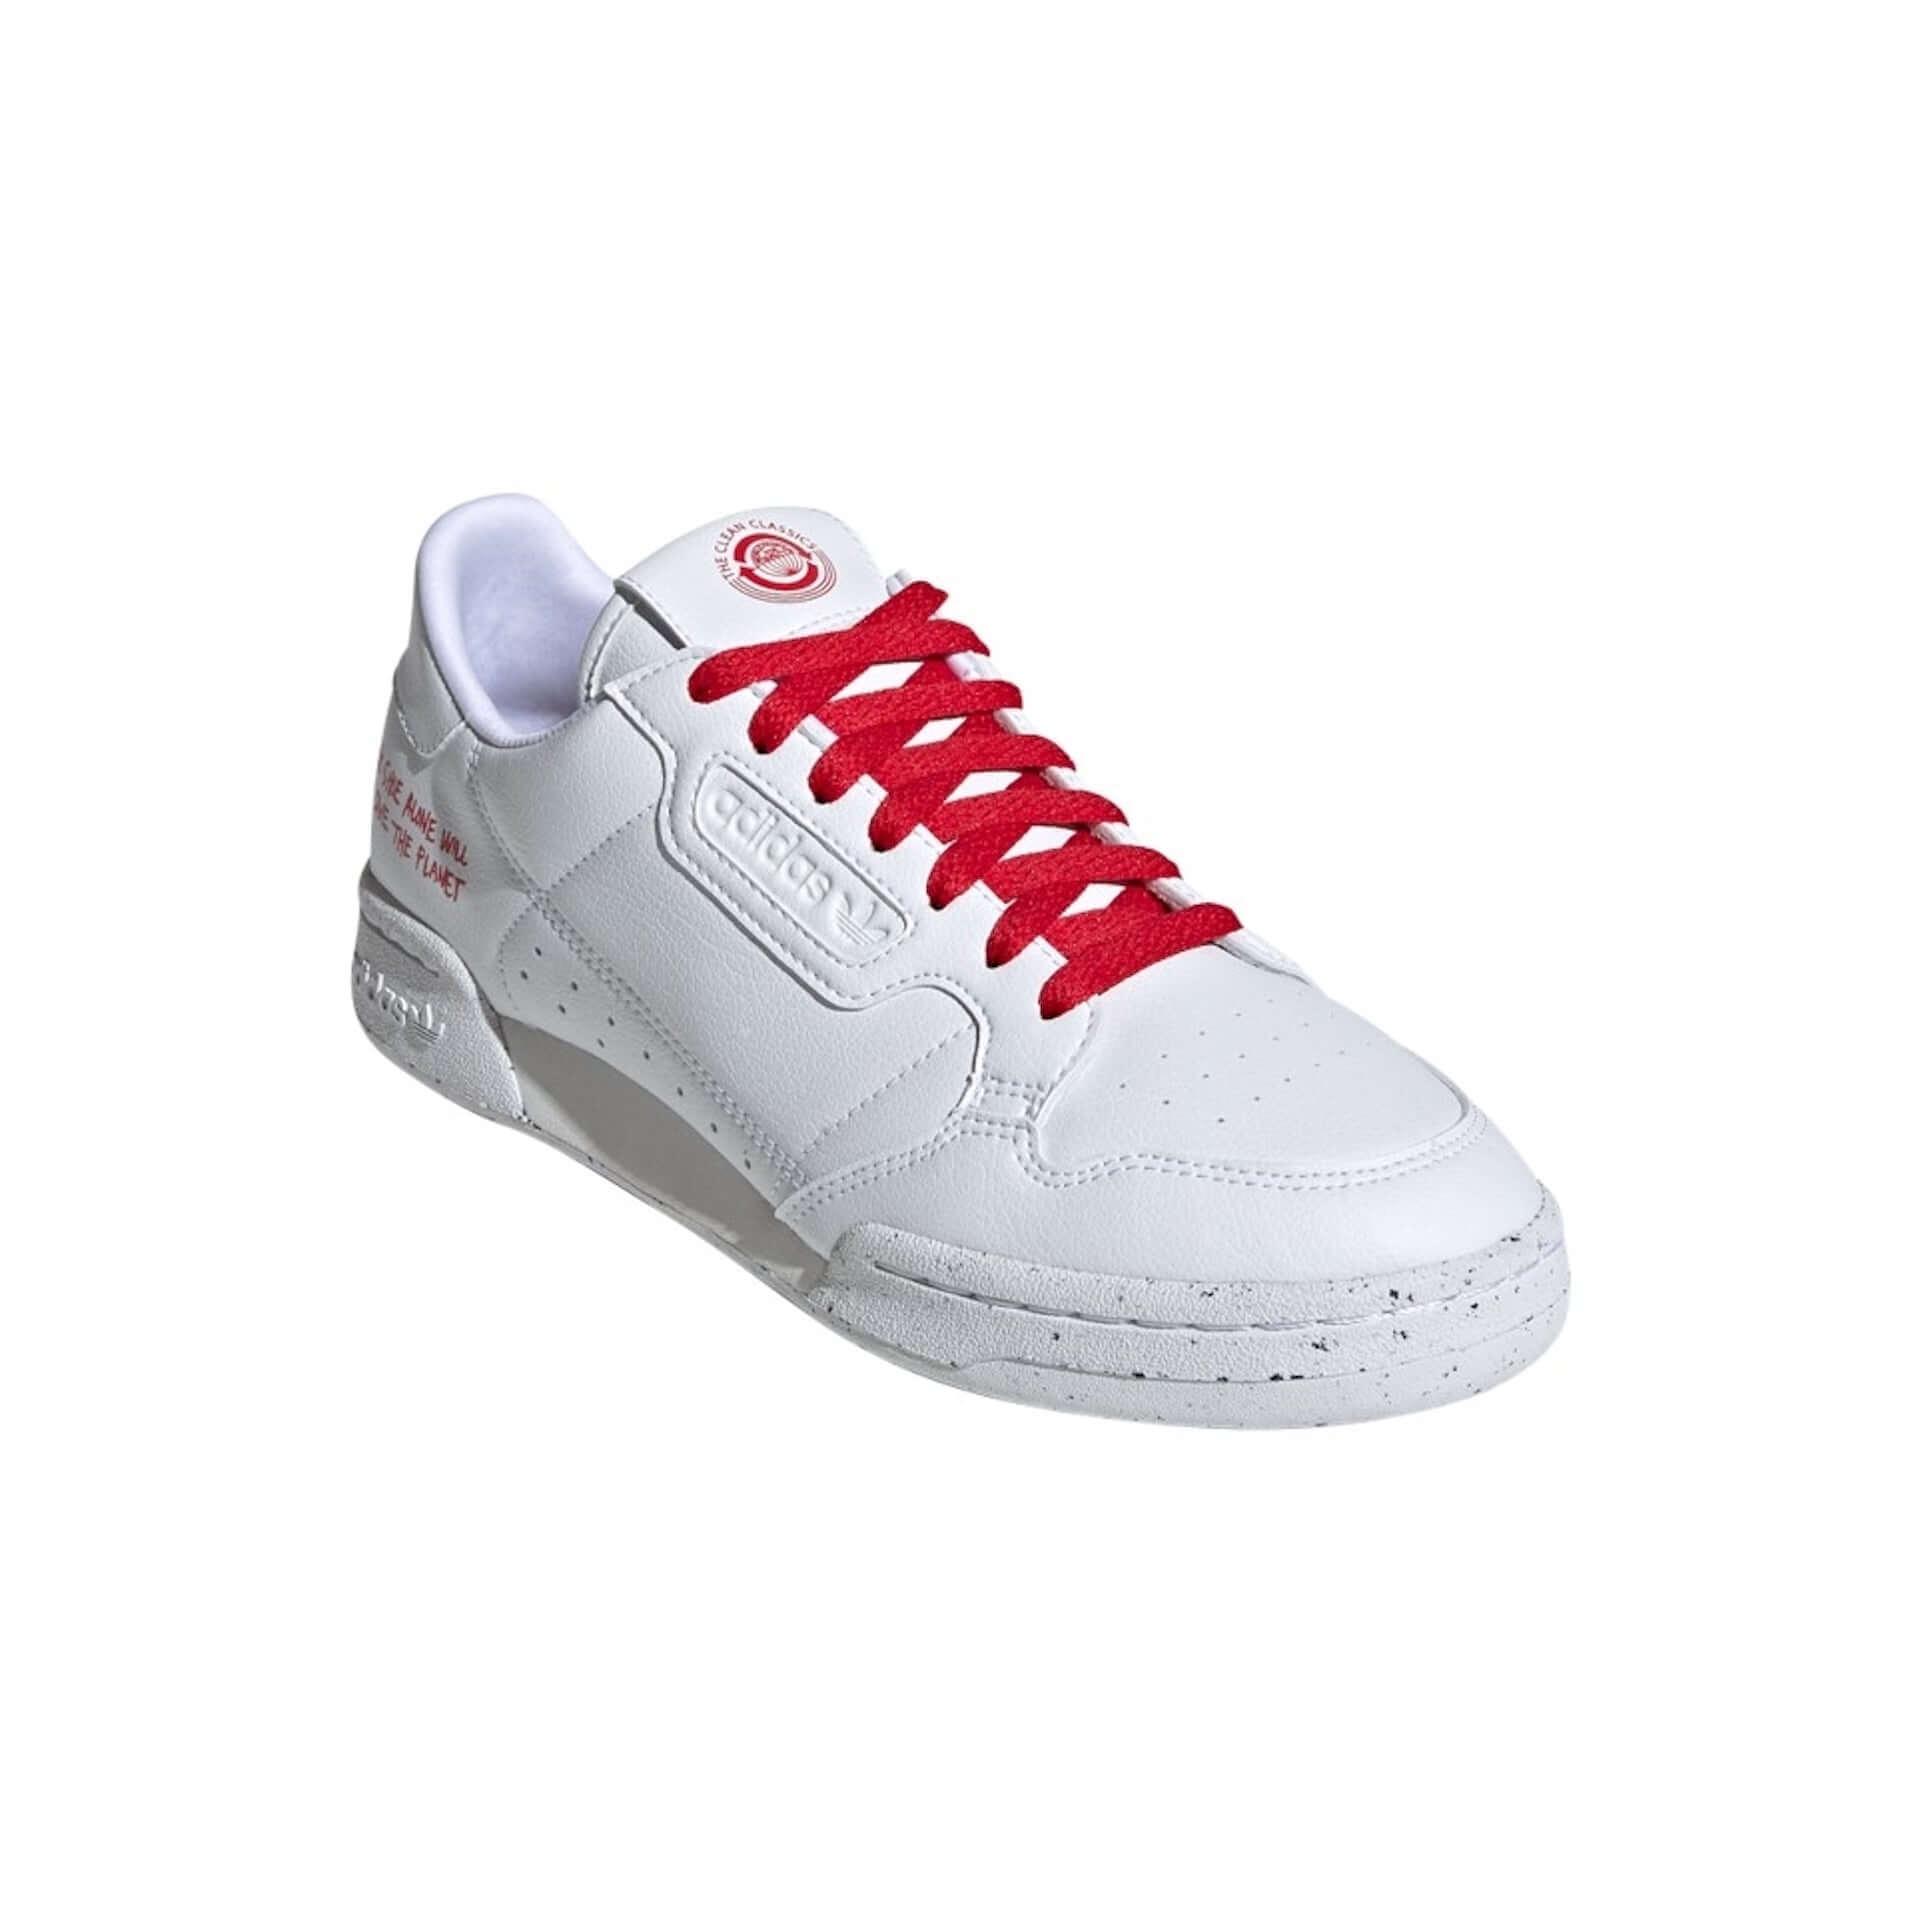 adidas Originalsがサステナブルなフットウェアコレクション「Clean Classics」を発売!名作「SUPERSTAR」「STAN SMITH」も登場 lf200804_adidas-cleanclassics_4-1920x1920